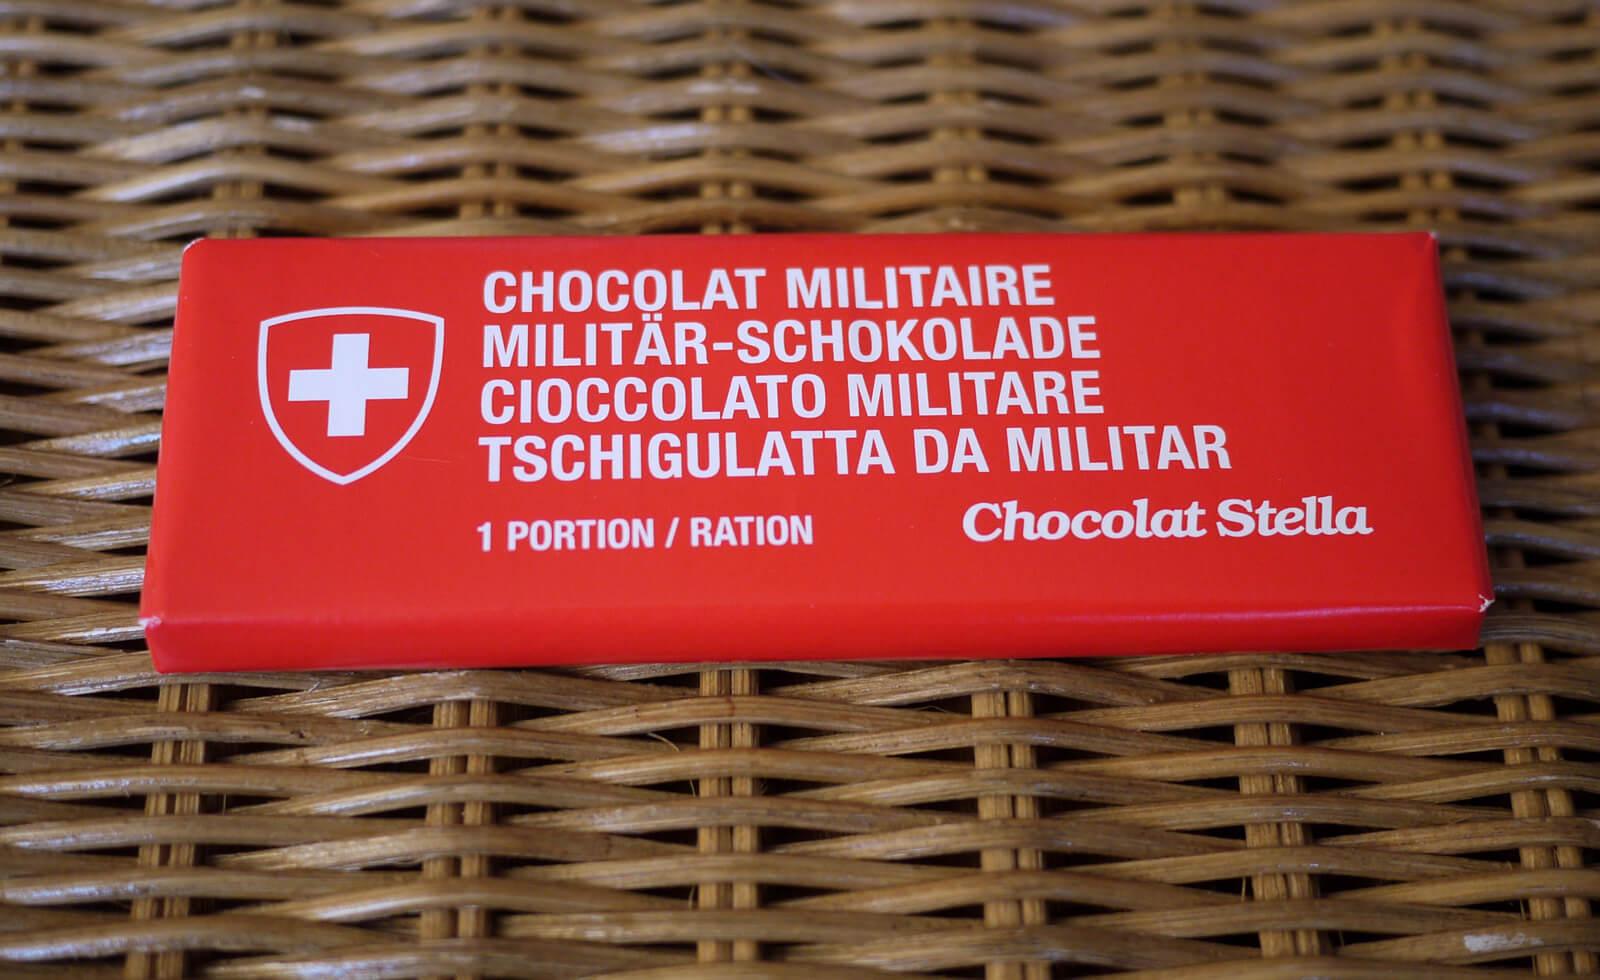 Swiss Military Chocolate